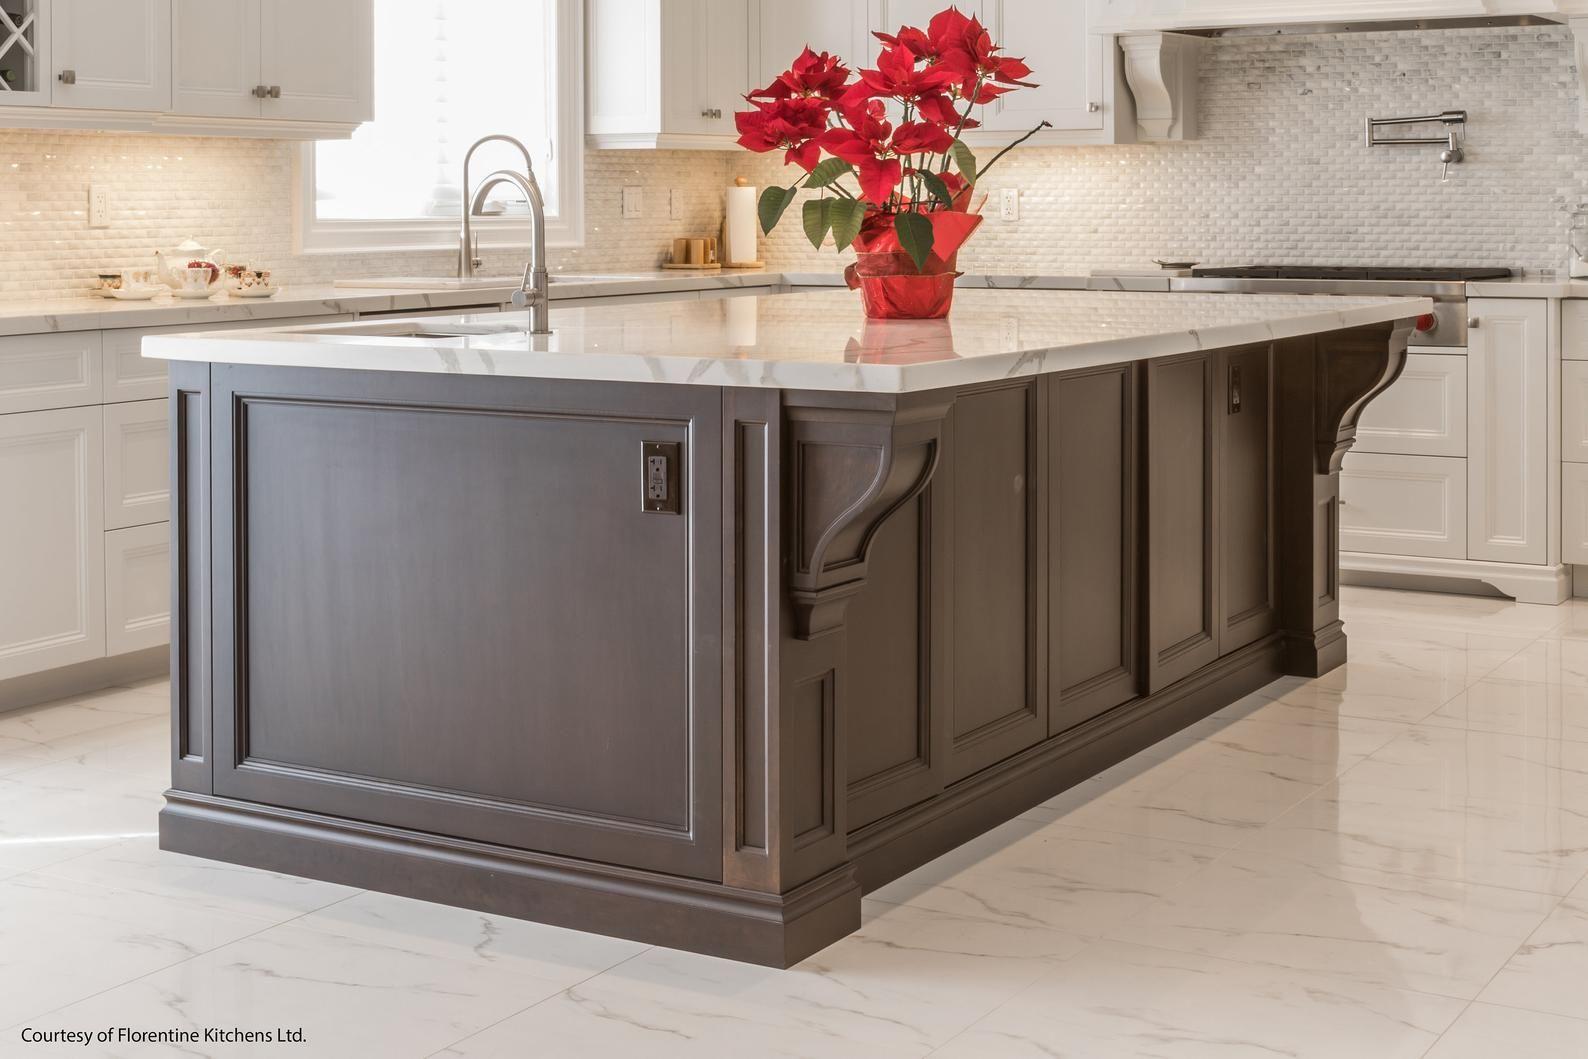 Range Hood Corbel Sanded Unfinished 4 3 4 X 5 Etsy In 2020 Kitchen Island Corbels Kitchen Island Cabinets Corbels Kitchen